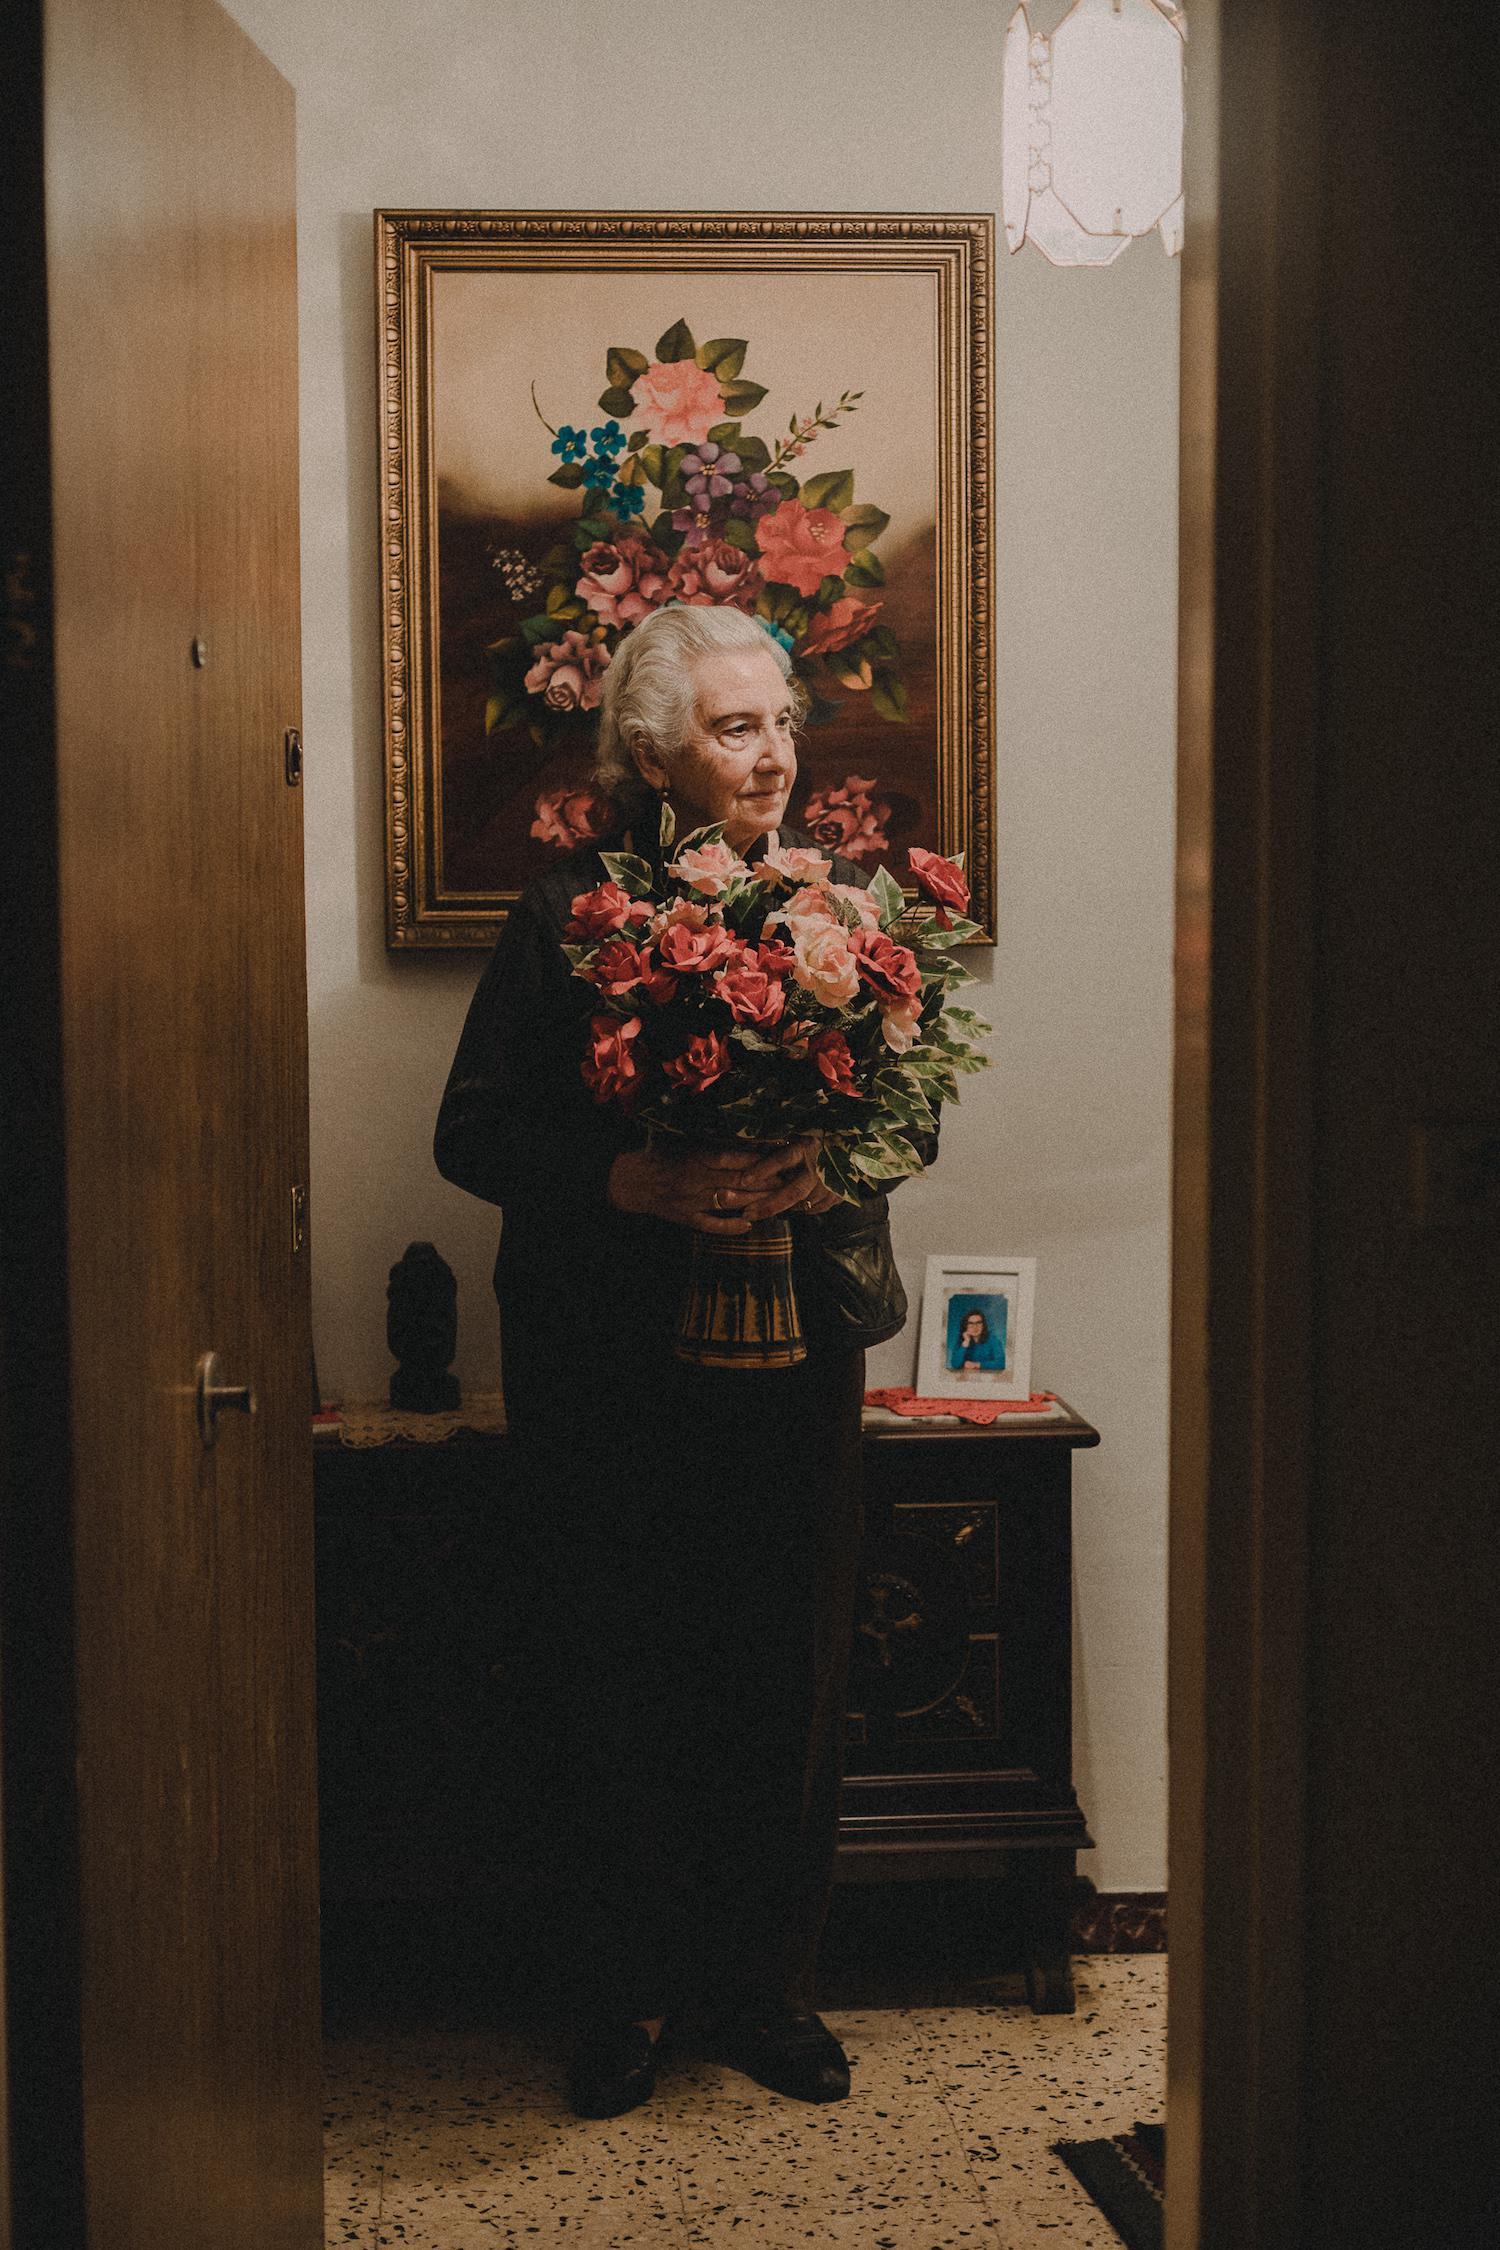 grand-mère et bouquet de fleurs portrait